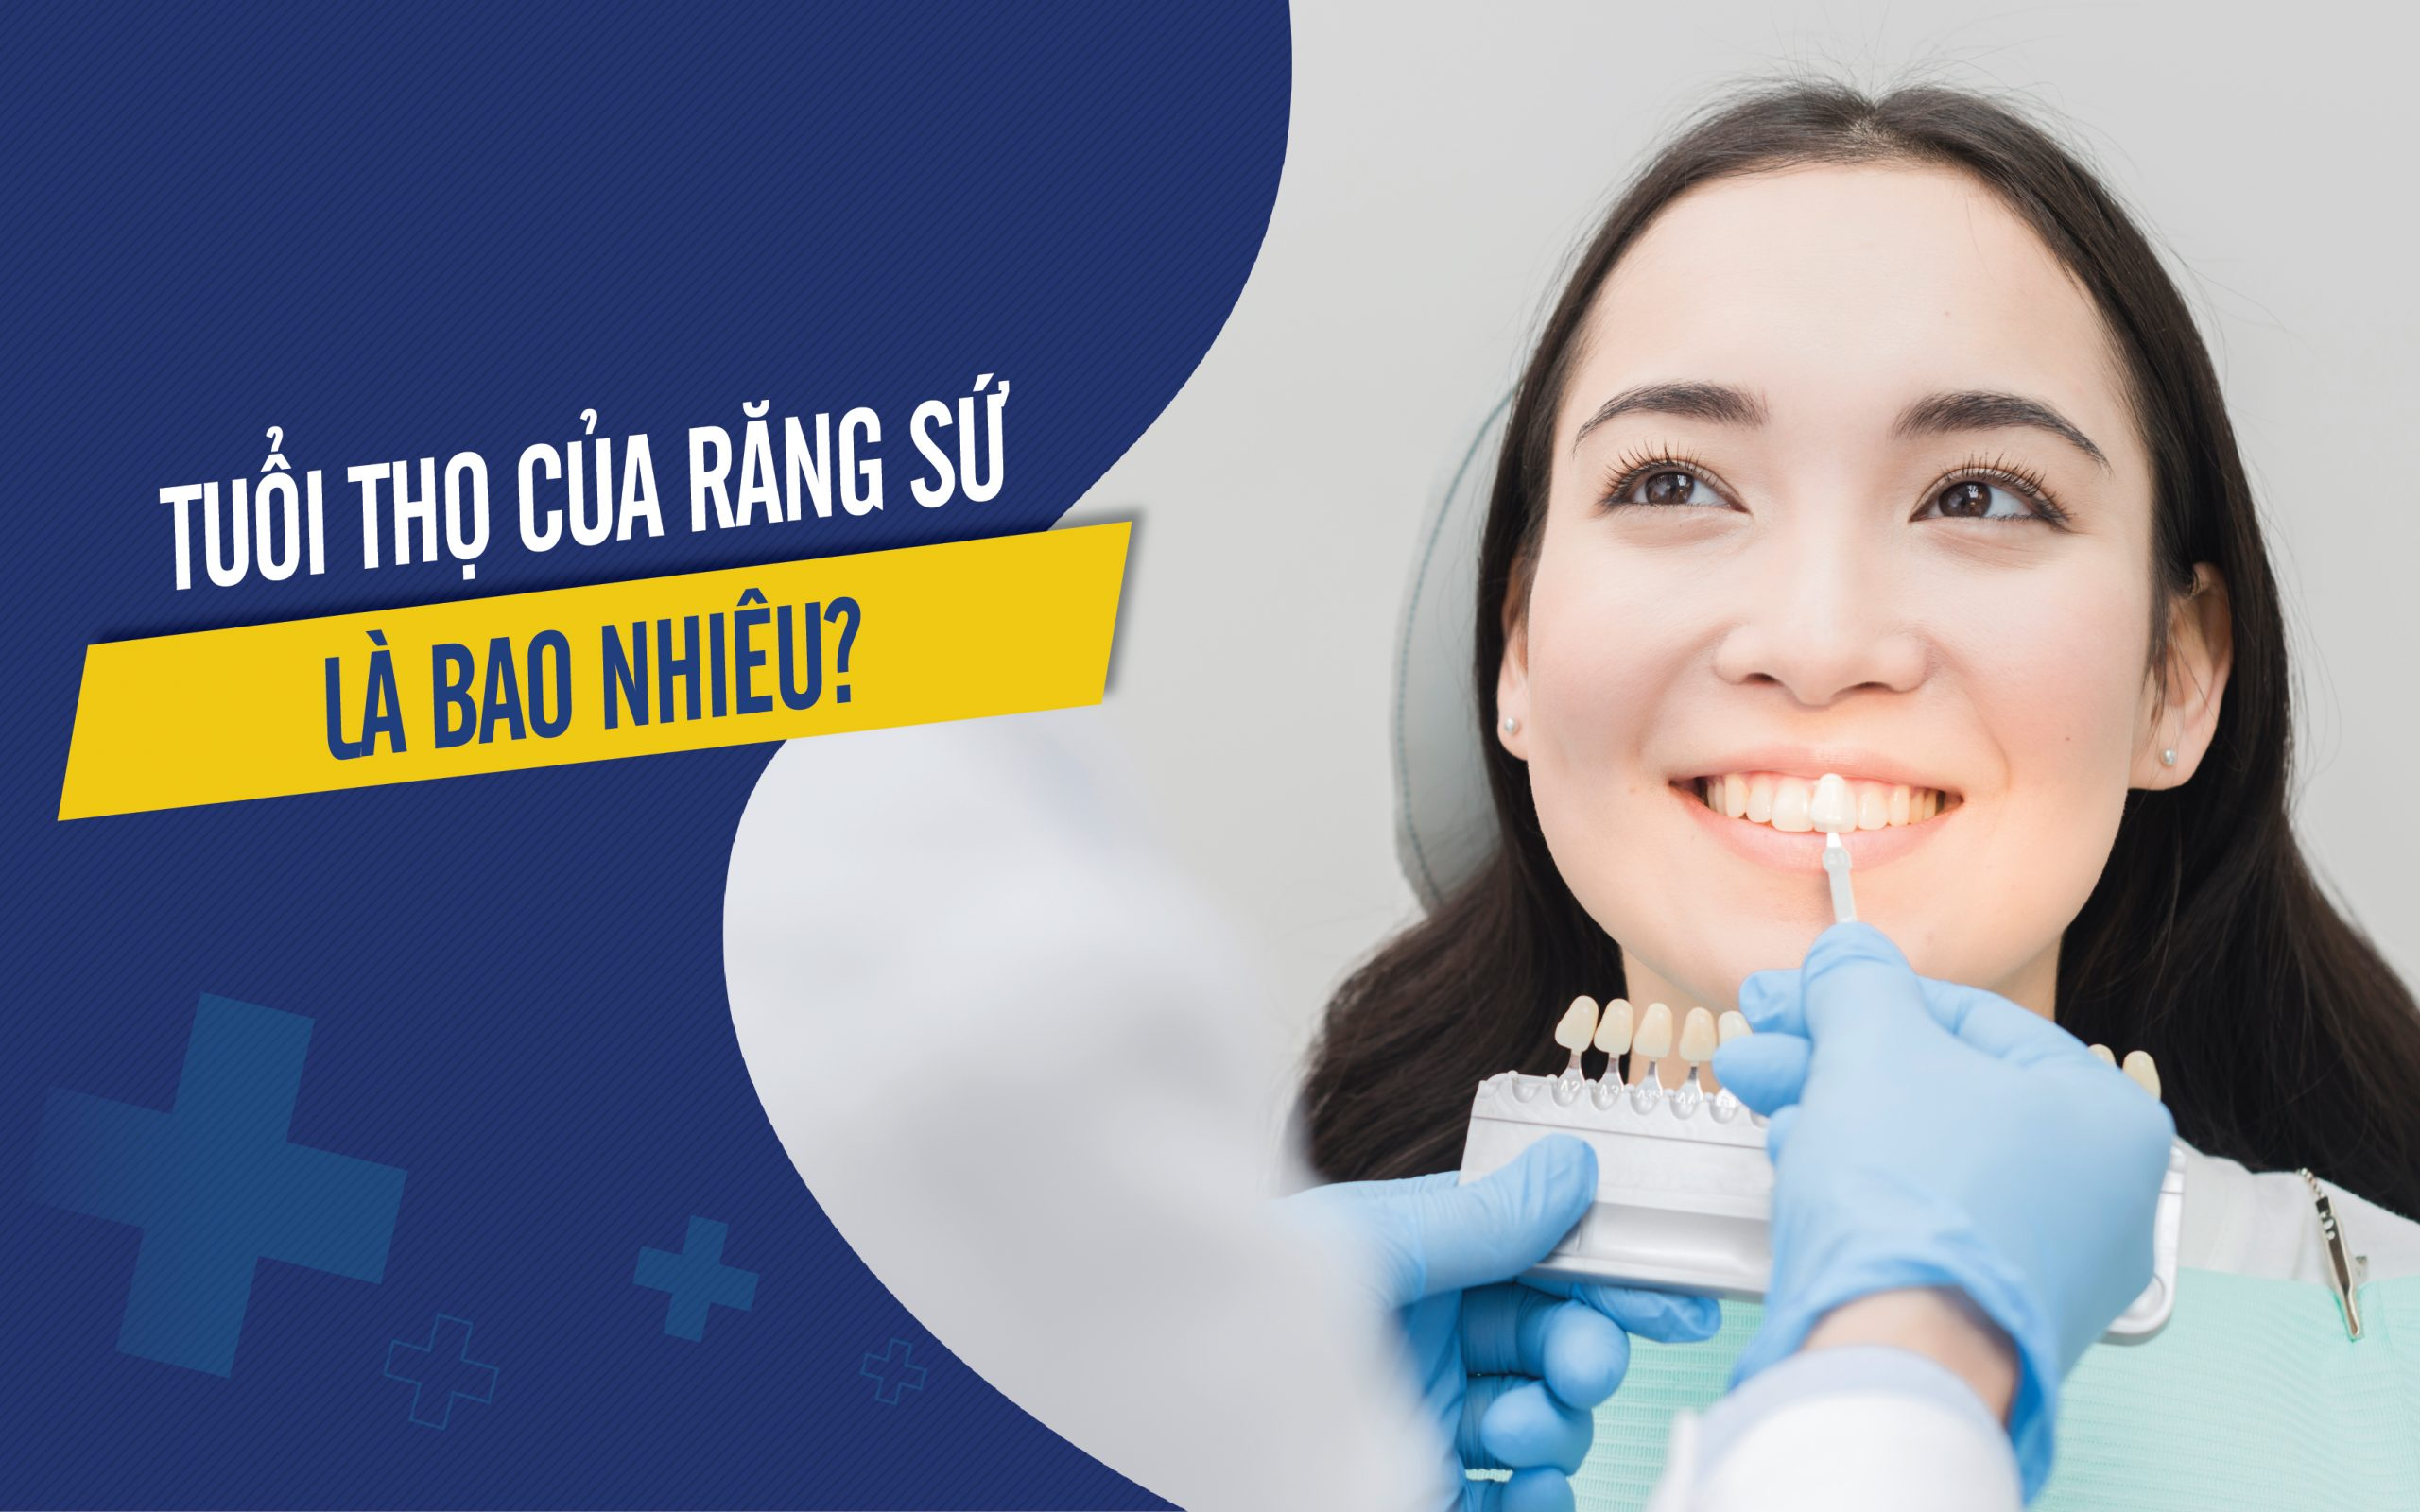 Tuổi thọ của răng sứ là bao lâu?